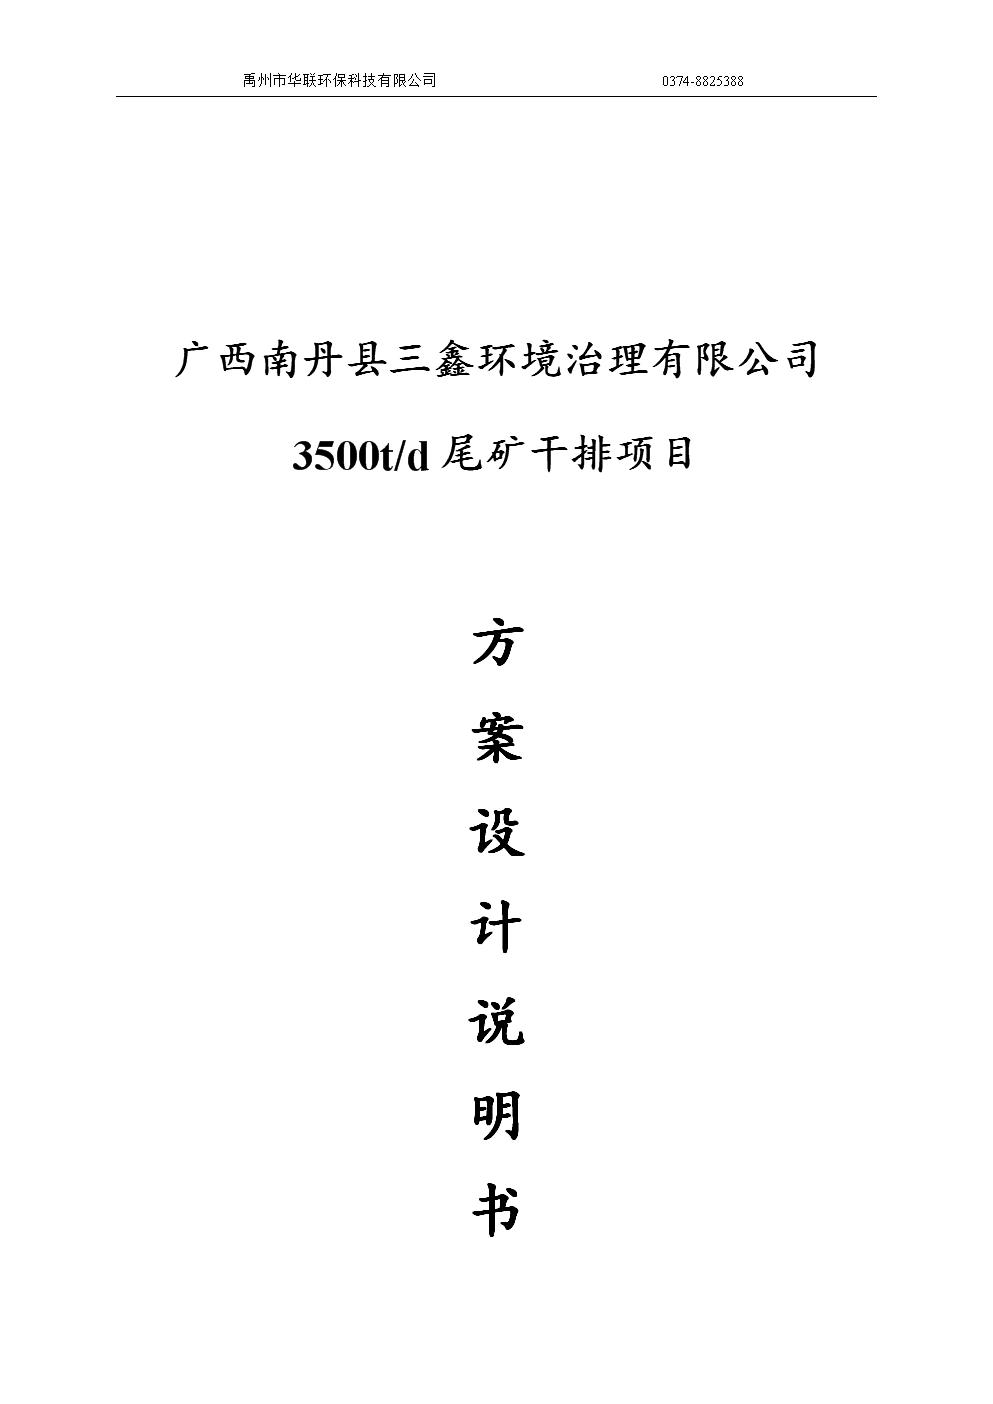 日处理3500T尾矿干排项目方案设计说明书.docx